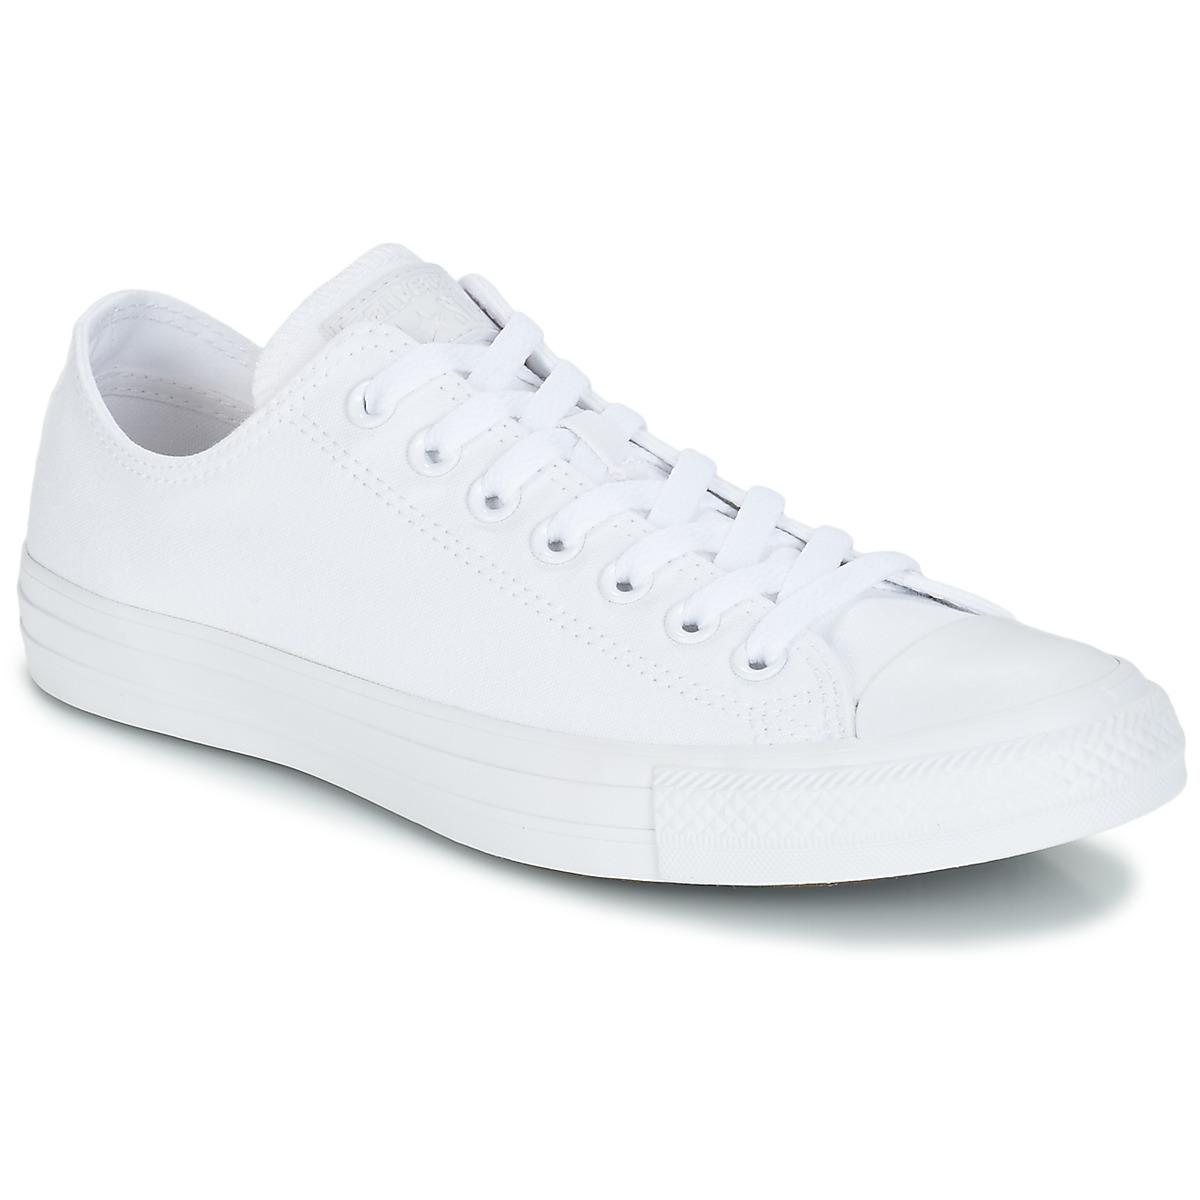 Converse ALL STAR CORE OX Weiss - Kostenloser Versand bei Spartoode ! - Schuhe Sneaker Low  51,99 €